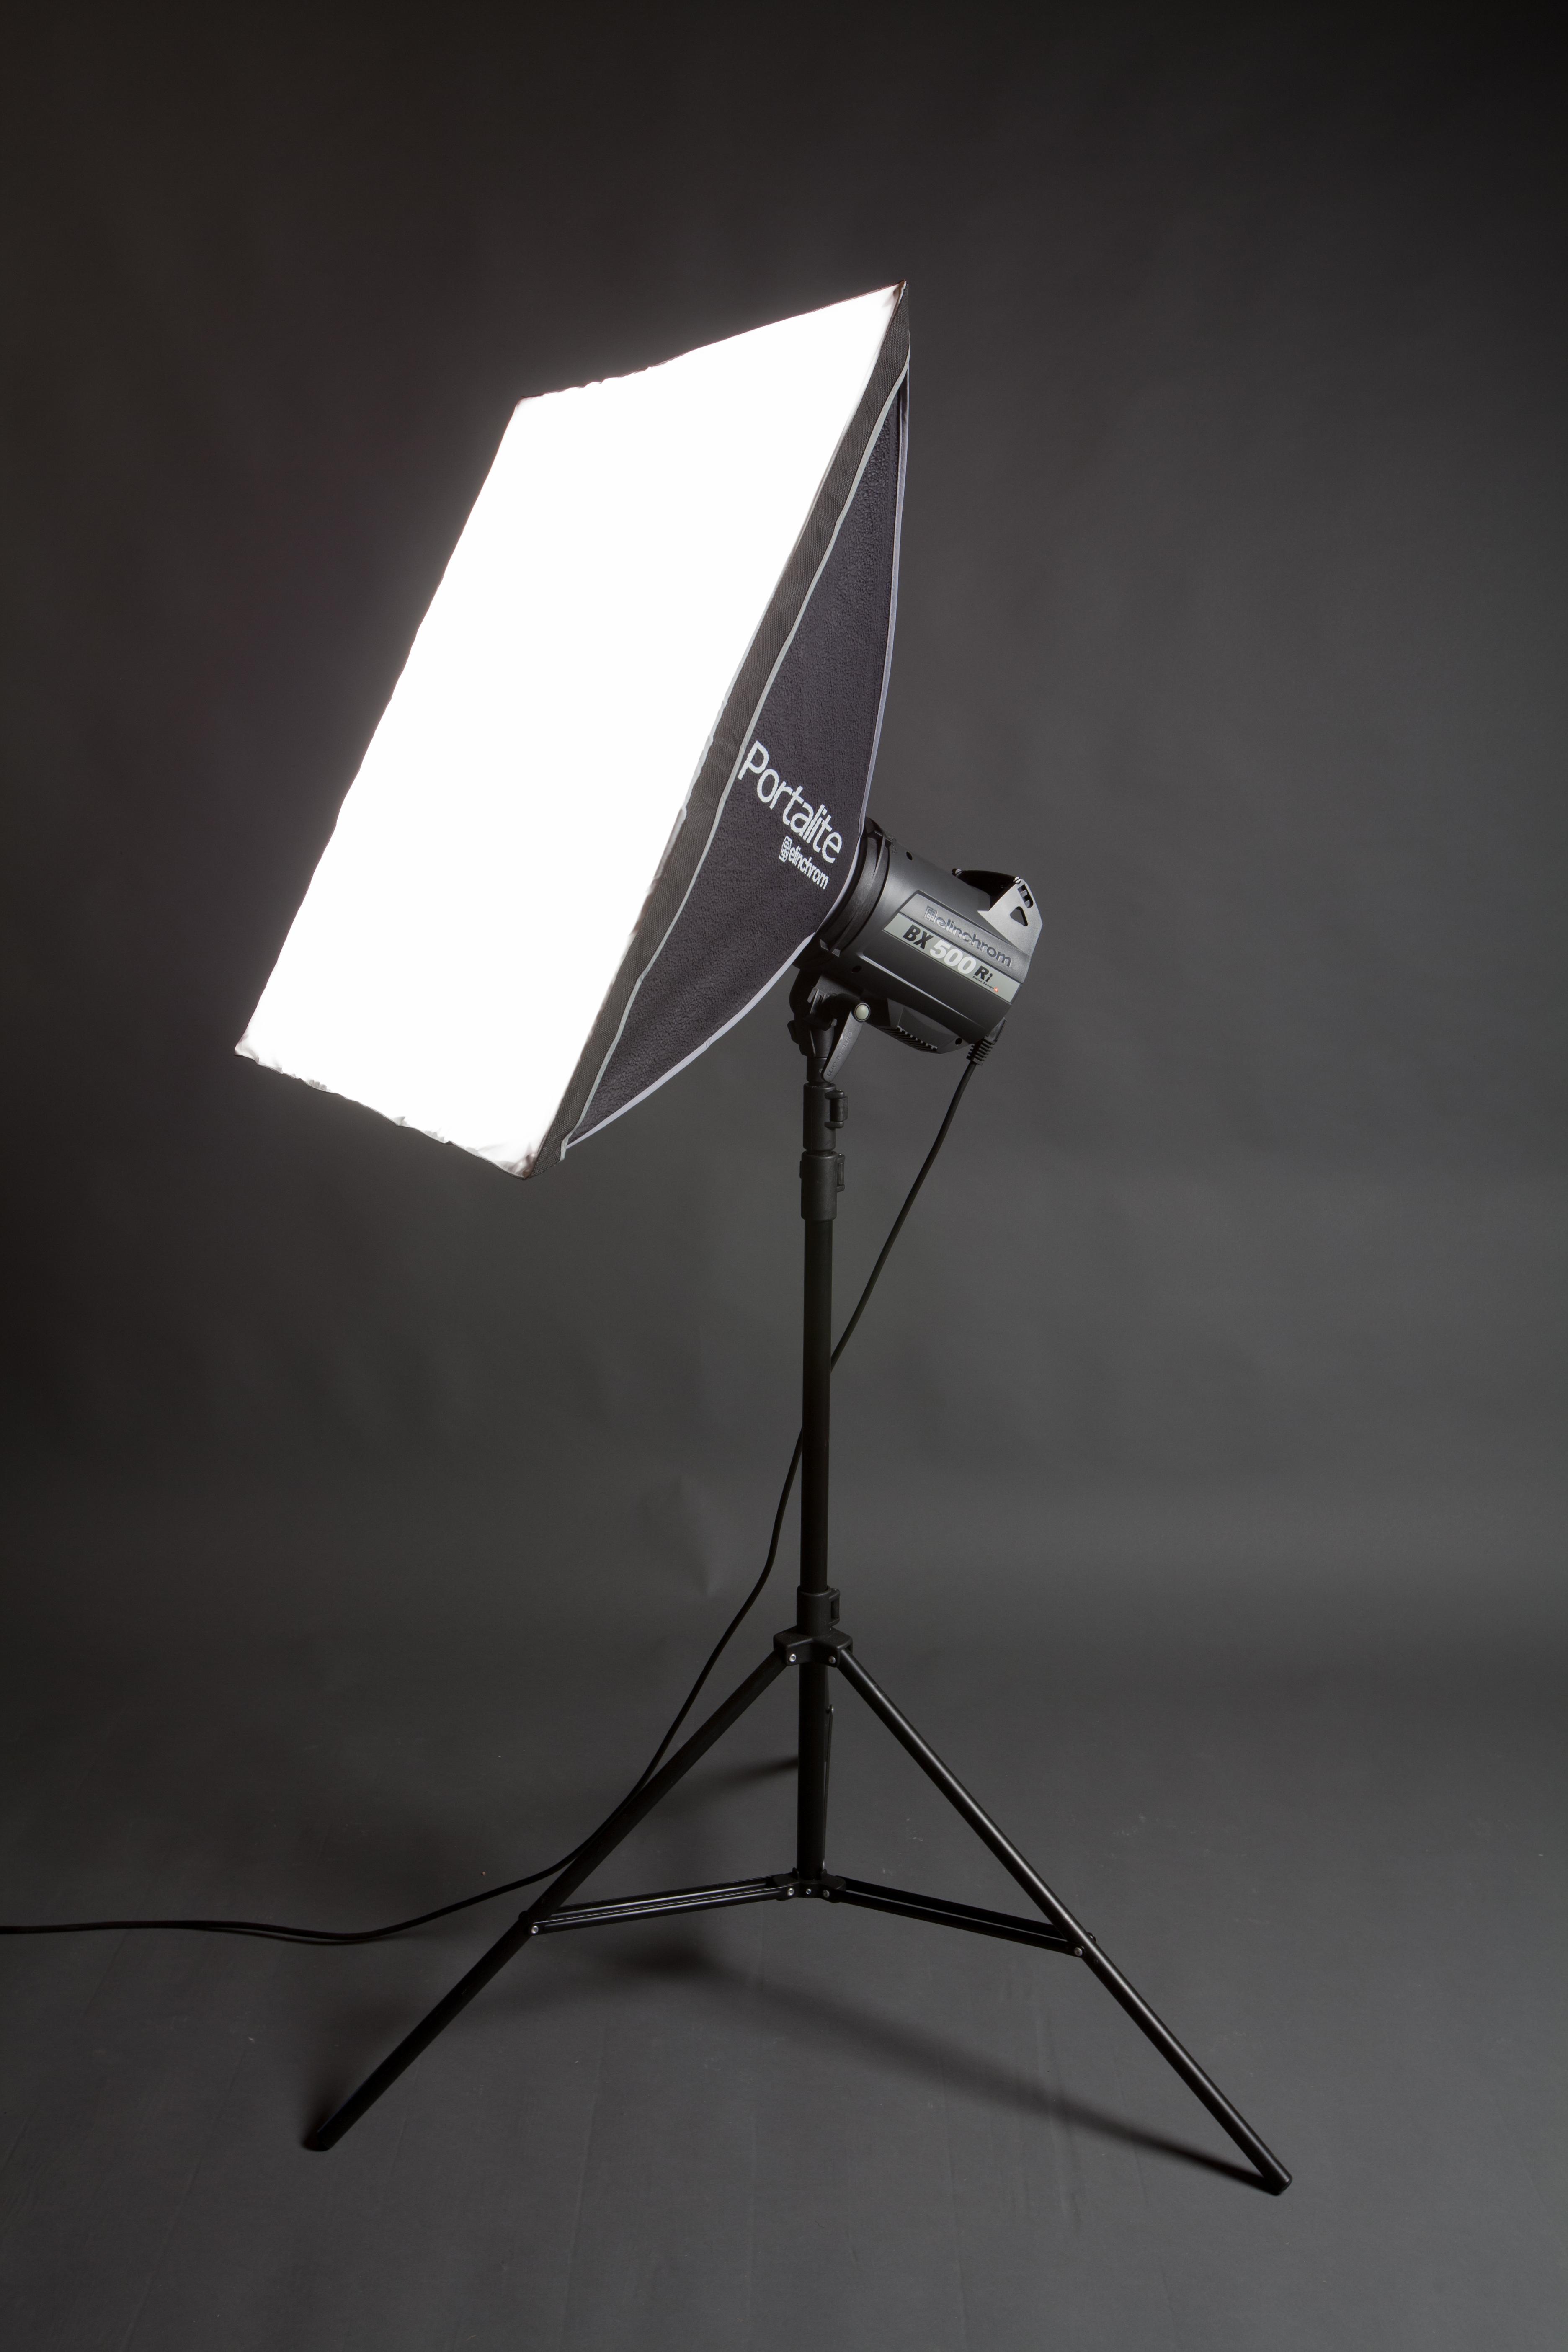 Universal Lighting And Decor Company